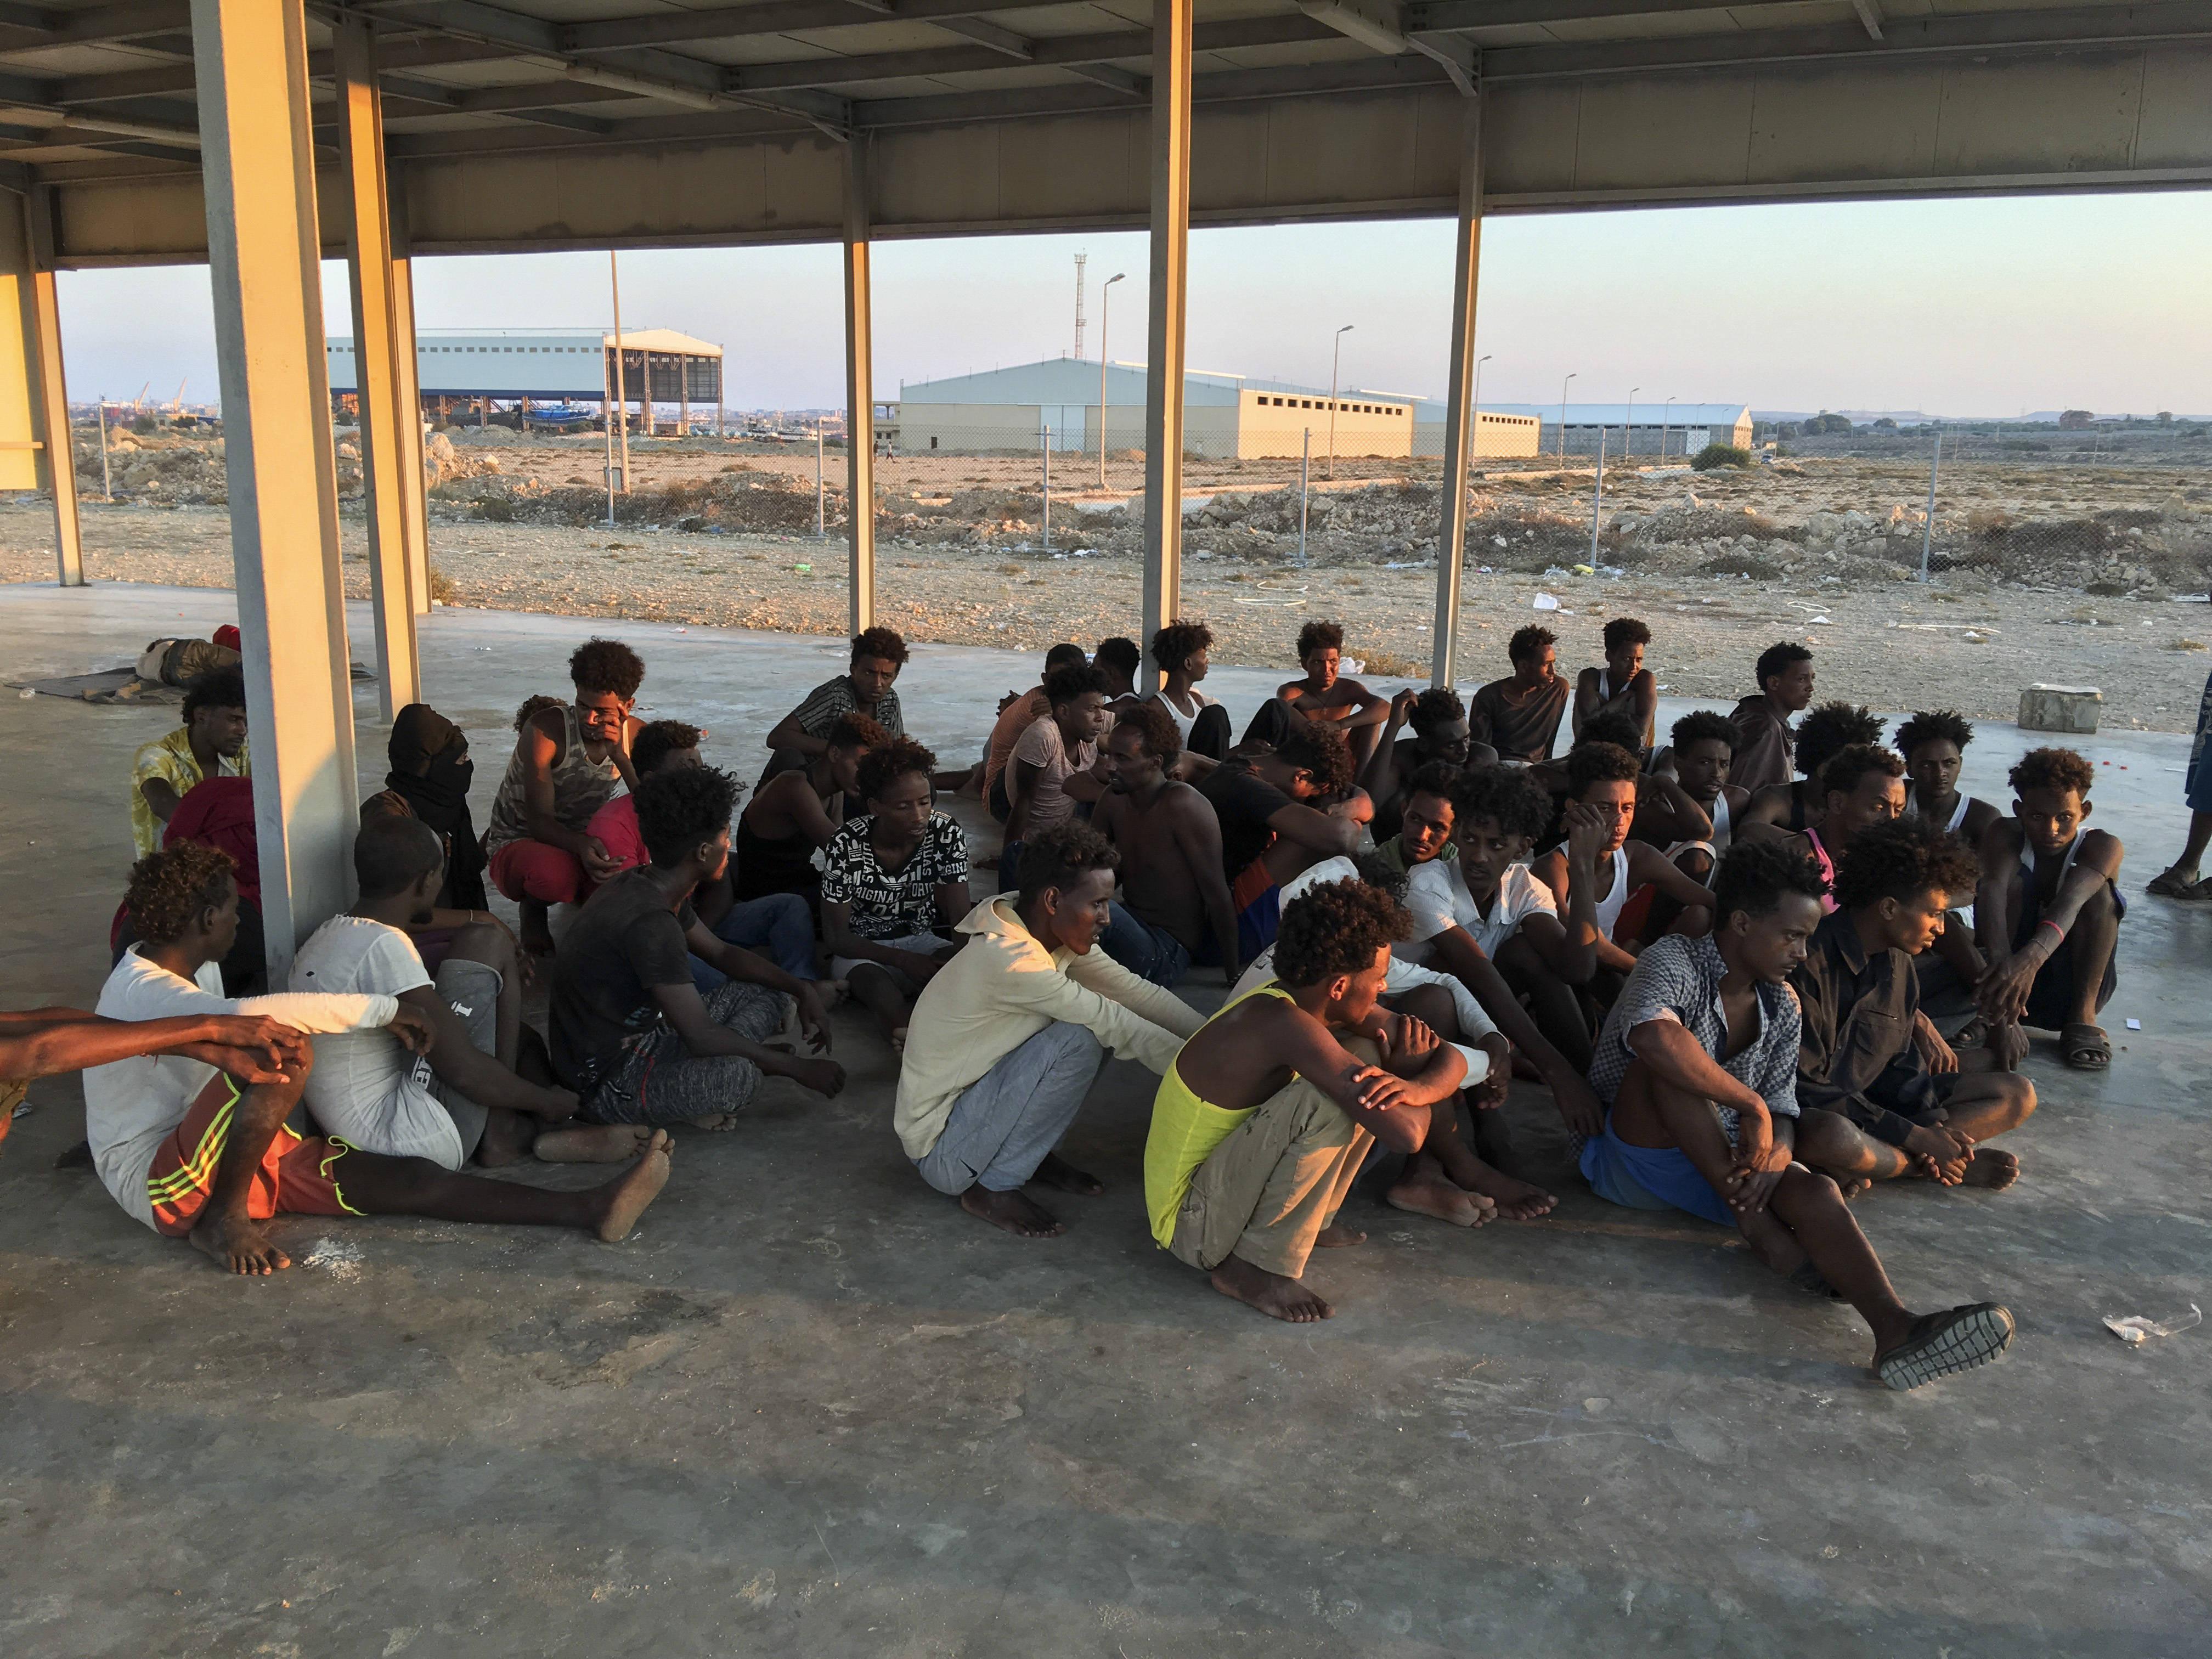 Les migrants rescapés après le naufrage d'une embarcation le jeudi 25 juillet s'installent sur une côte à environ 100 kilomètres à l'est de Tripoli, en Libye.